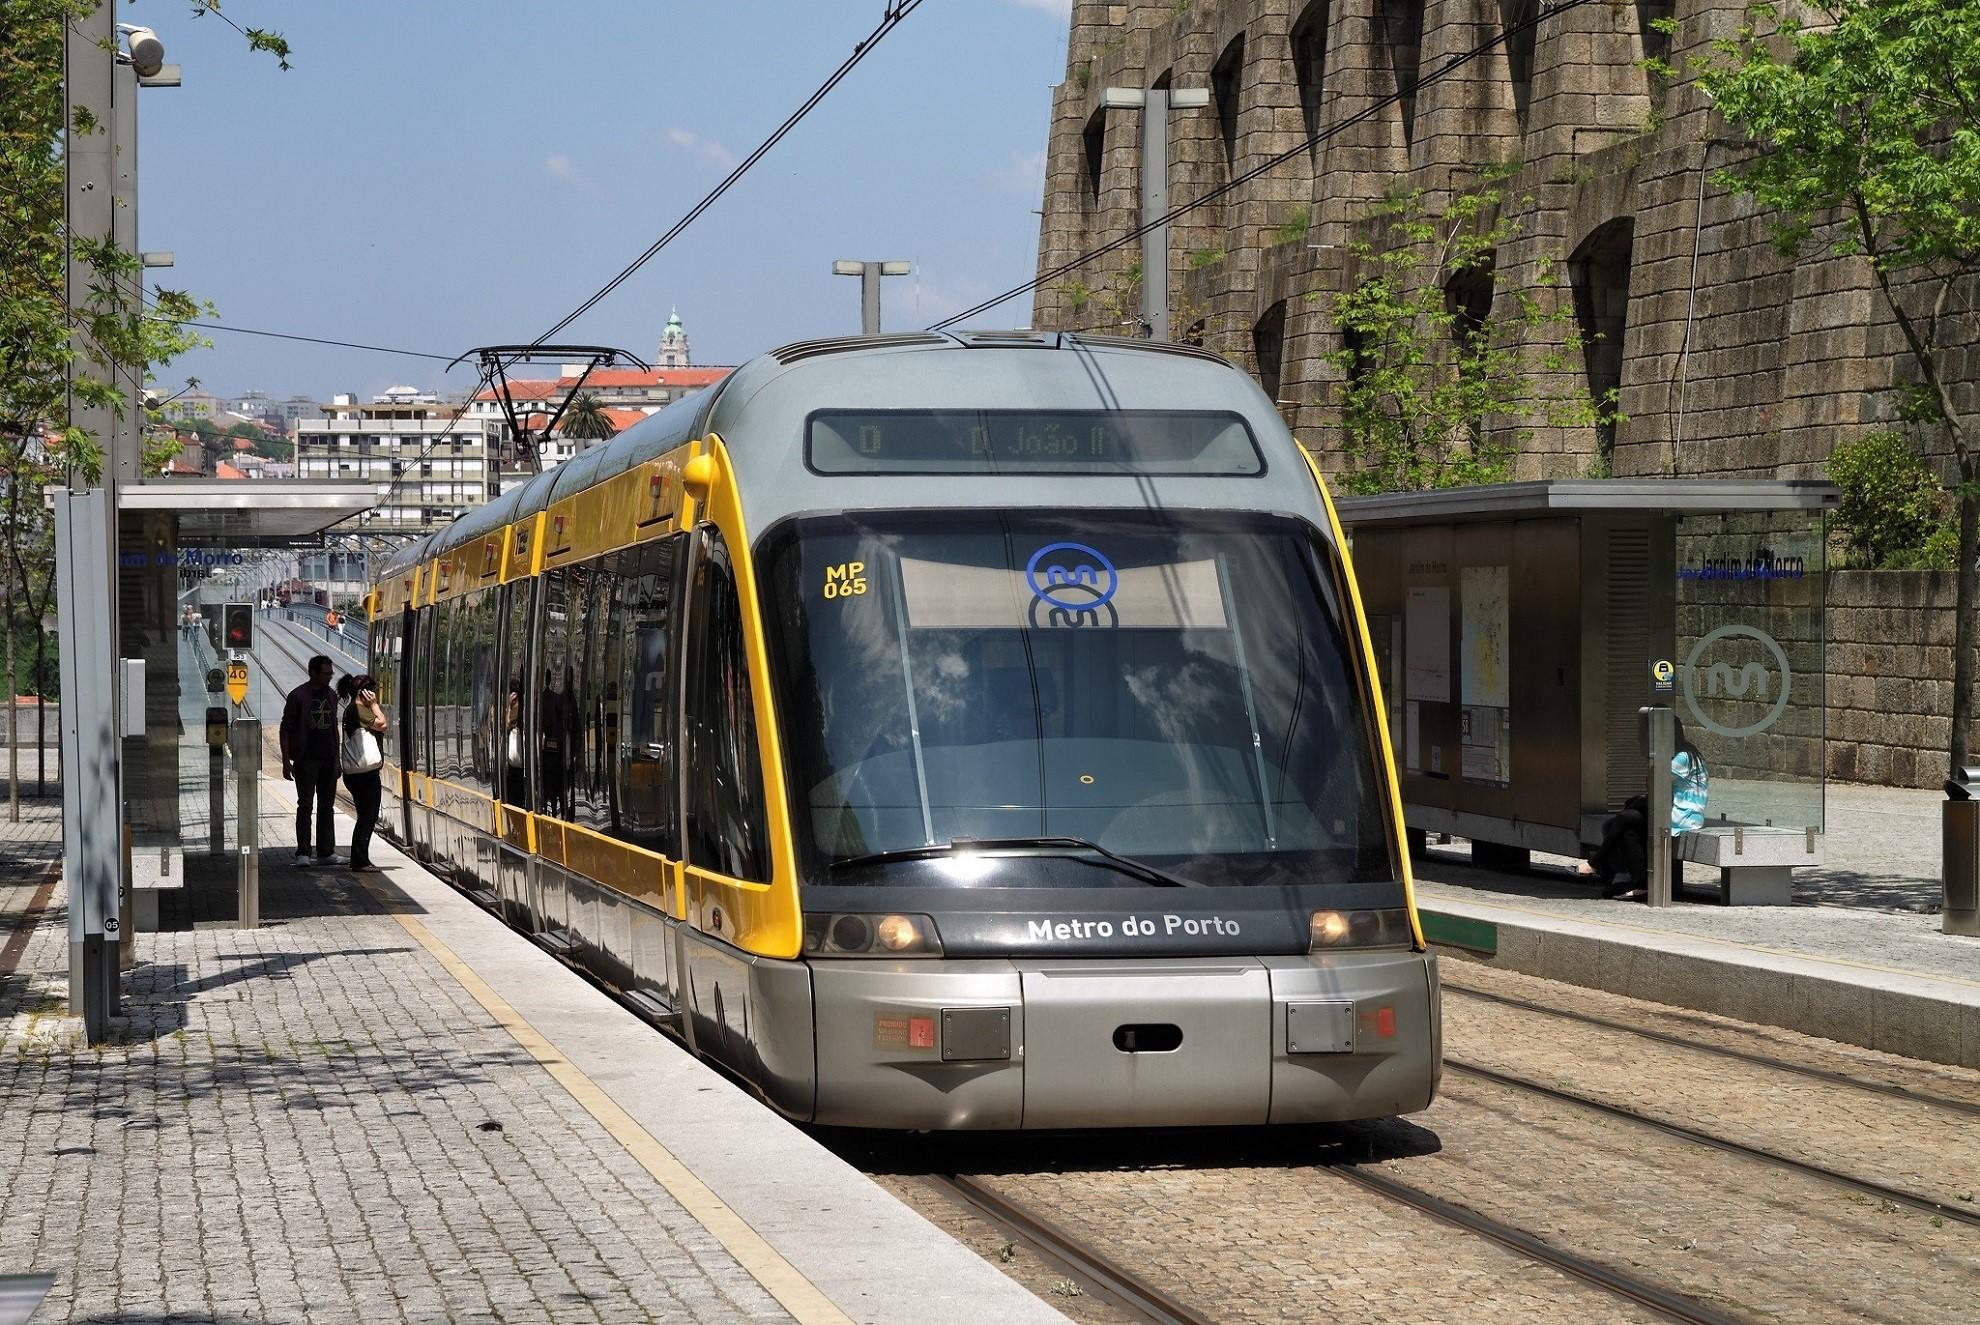 Rame du metro de Porto en exterieur